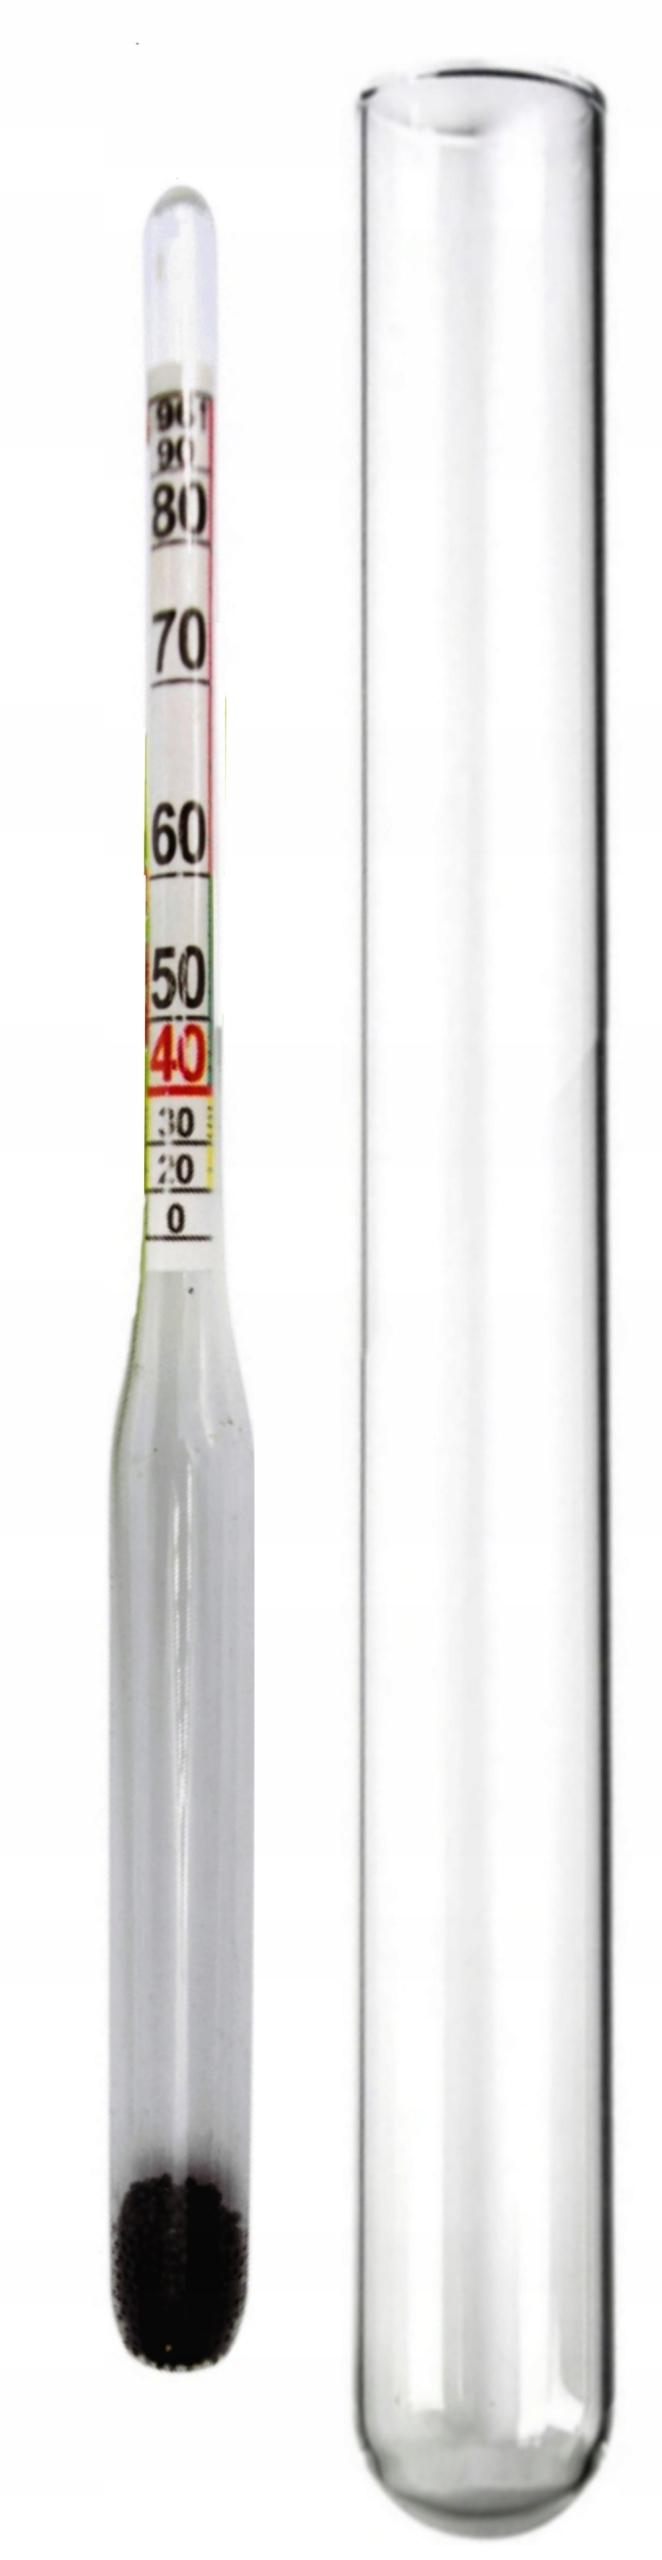 ALKOHOLOMIERZ MIERNIK ALKOHOLU - 96% MENZURKA 16cm